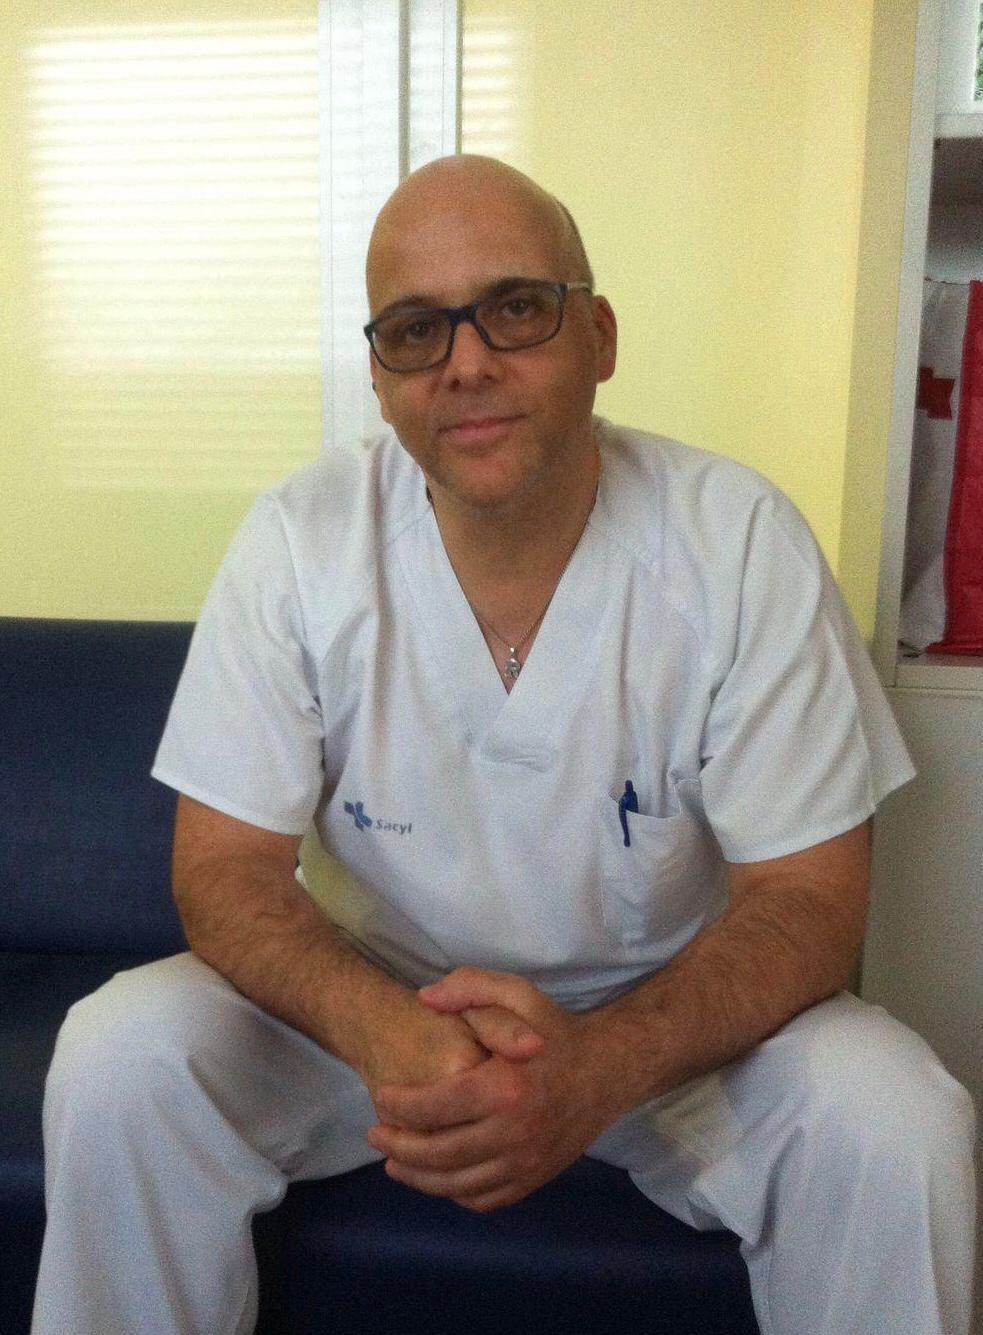 Roberto San Sebastián, Celador en el Hospital del Bierzo 'Tenemos unos profesionales sanitarios que son unos jabatos' 4